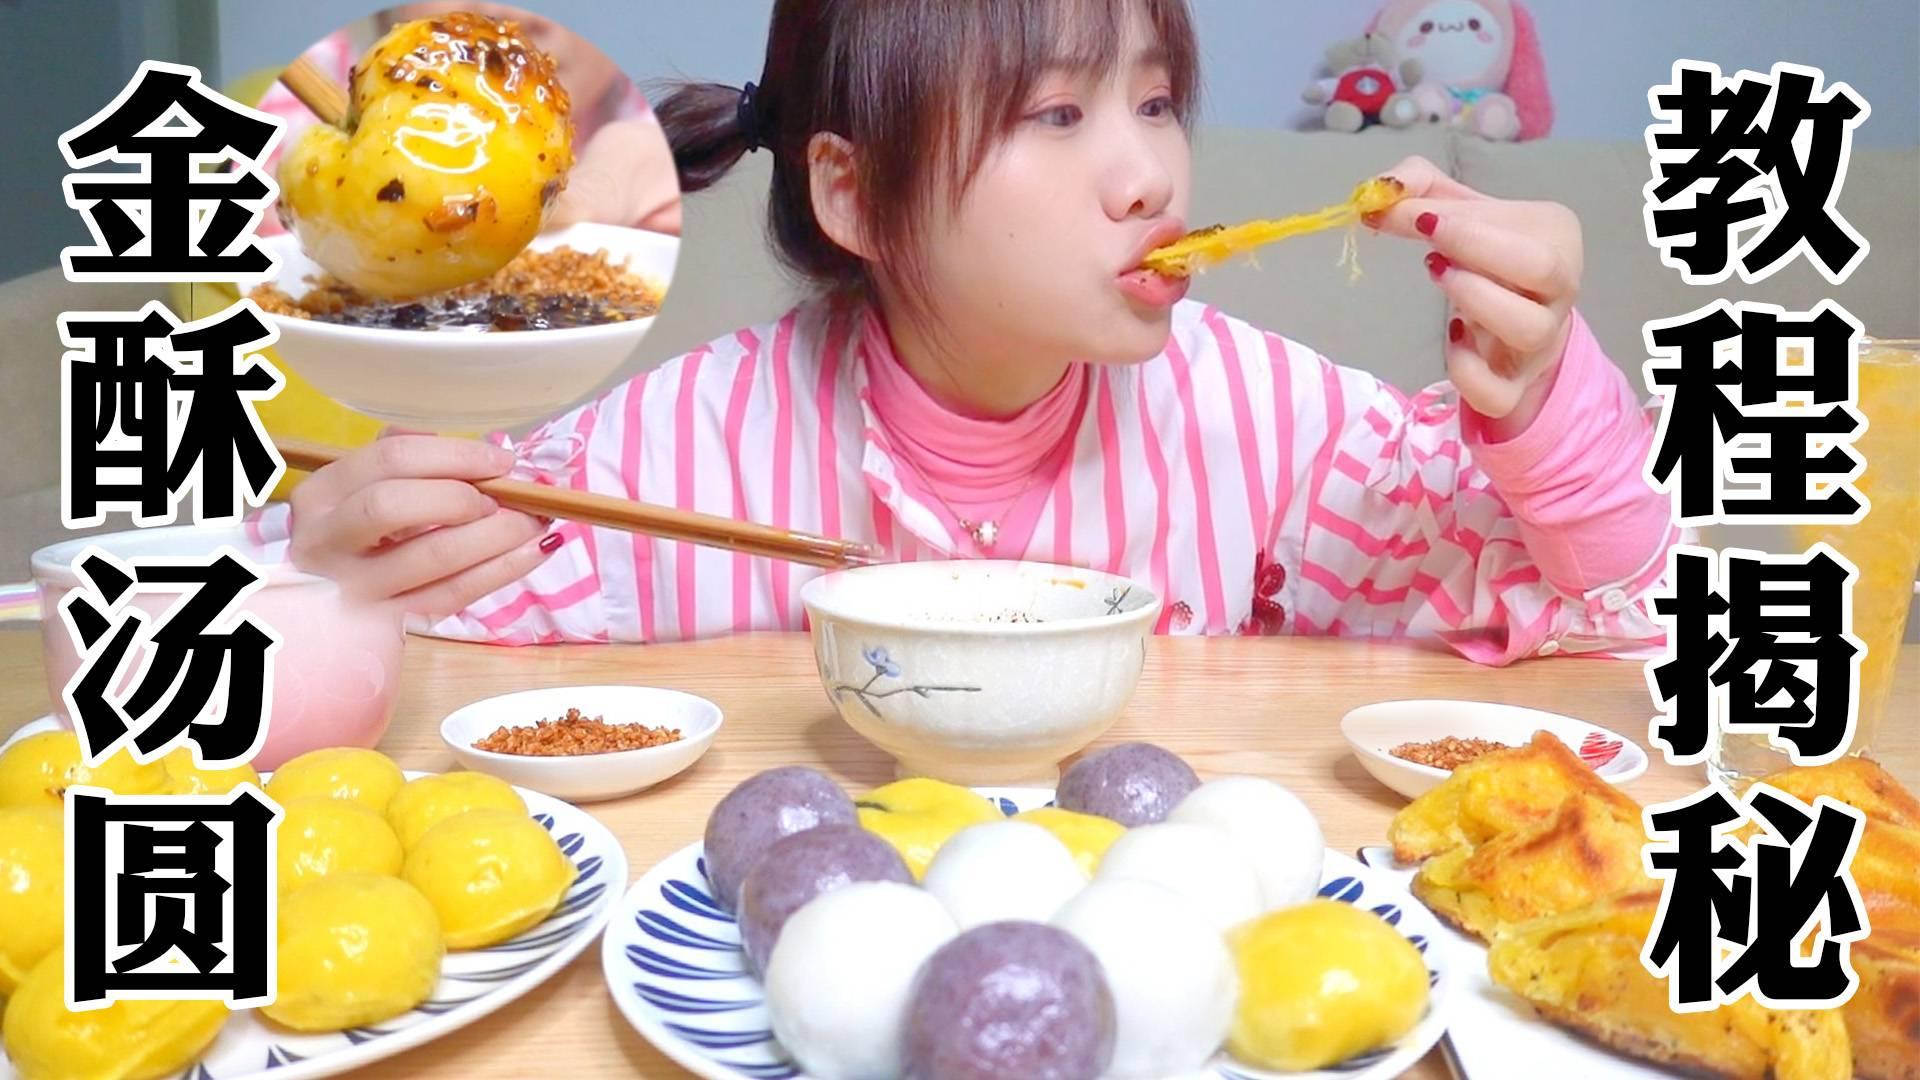 密子君·黄金蛋挞皮含大汤圆,一吃一大锅!情人节密妈在线感动